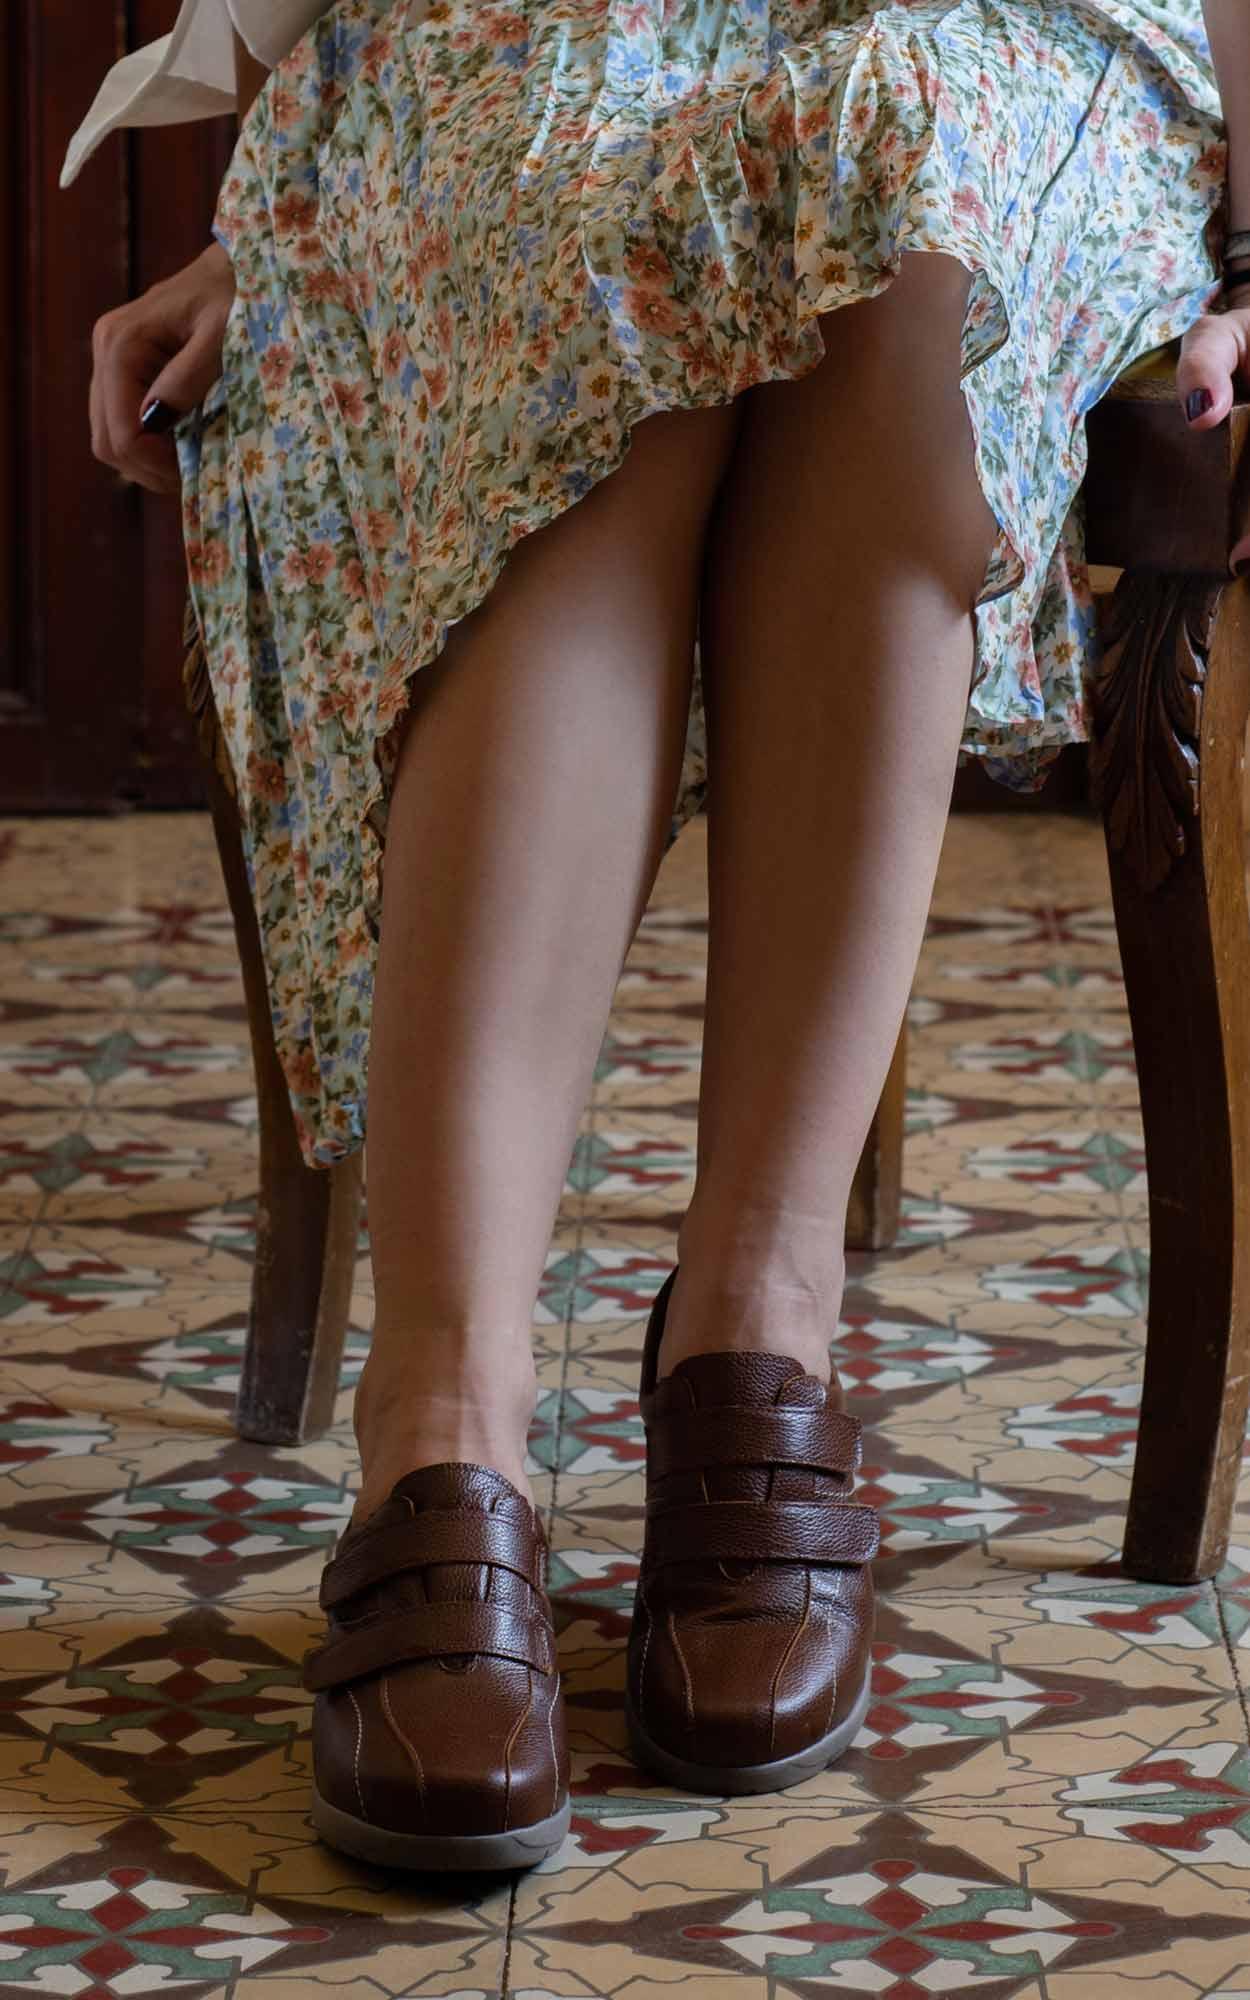 Mujer sentada en una silla antigua con zapatos marrónes y vestido con flores y con baldosas españoles.